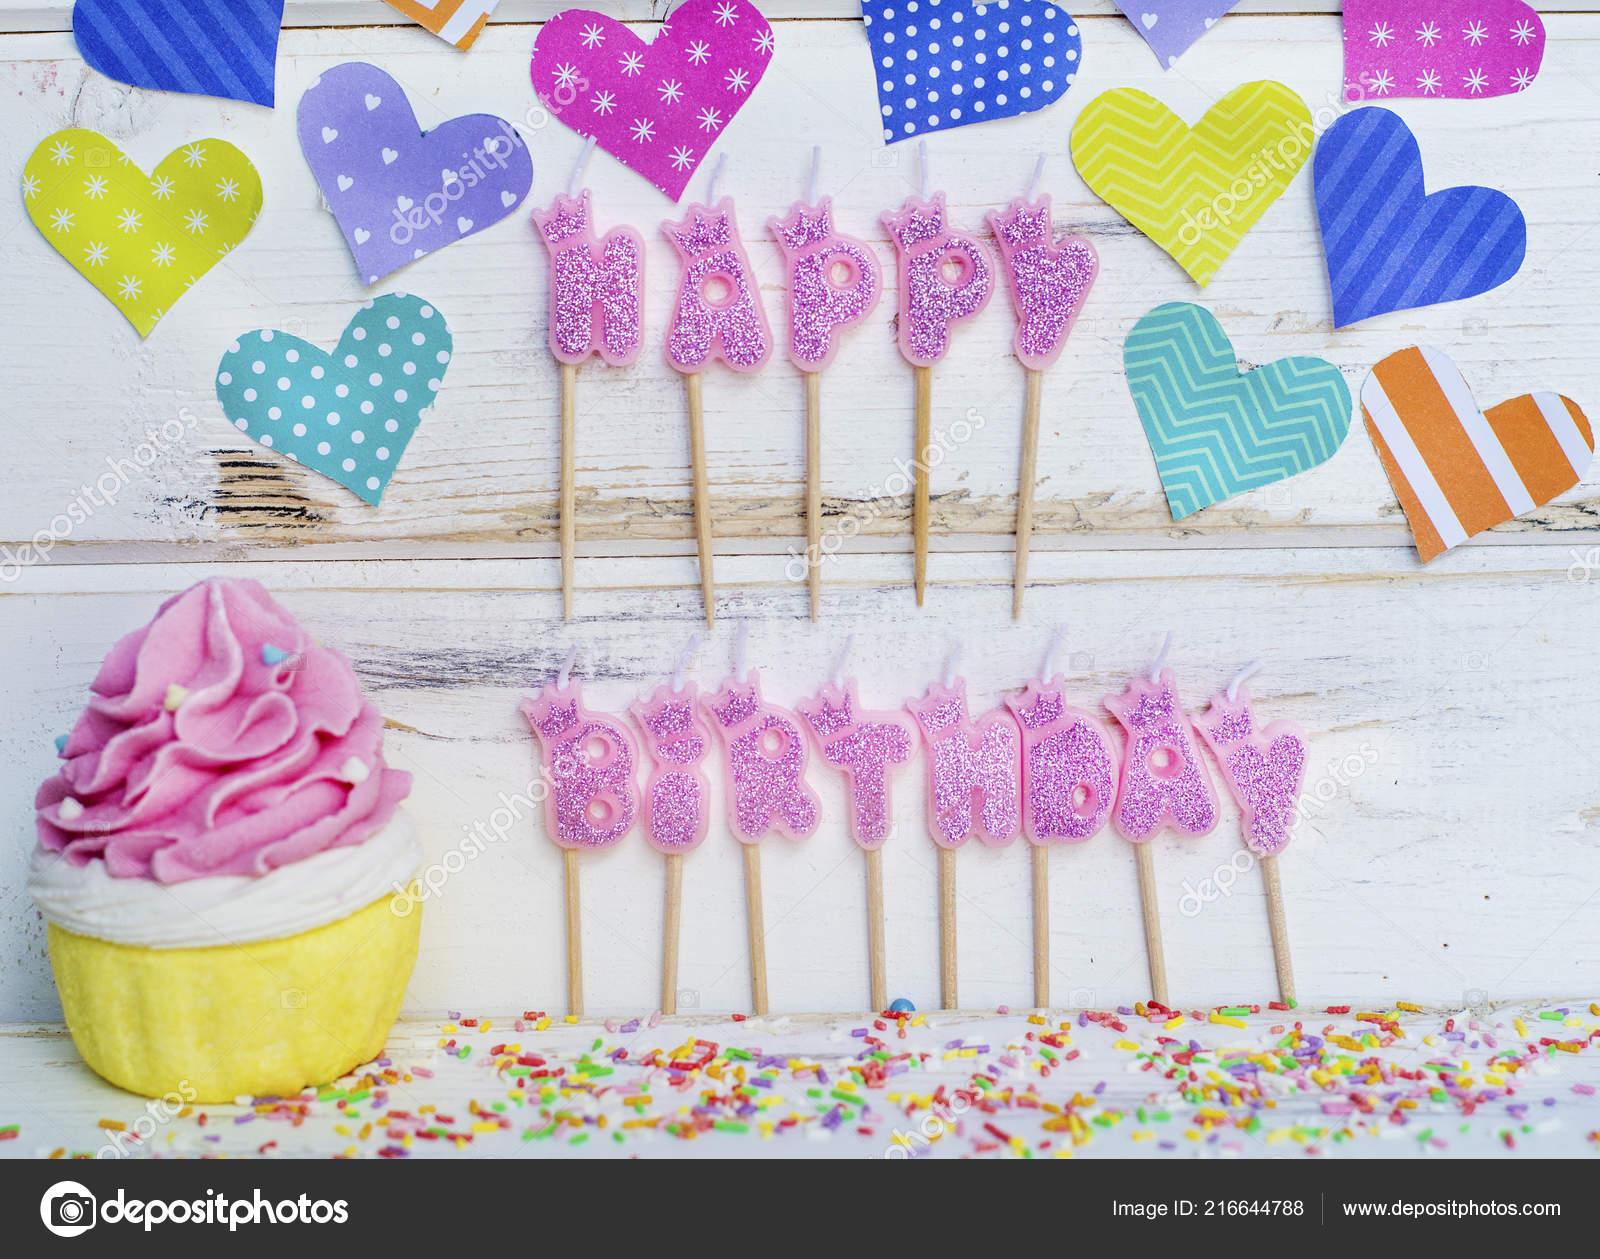 82a0f56b204f Růžové Svíčky Happy Birthday Košíček Barevné Srdce Bílém Pozadí ...